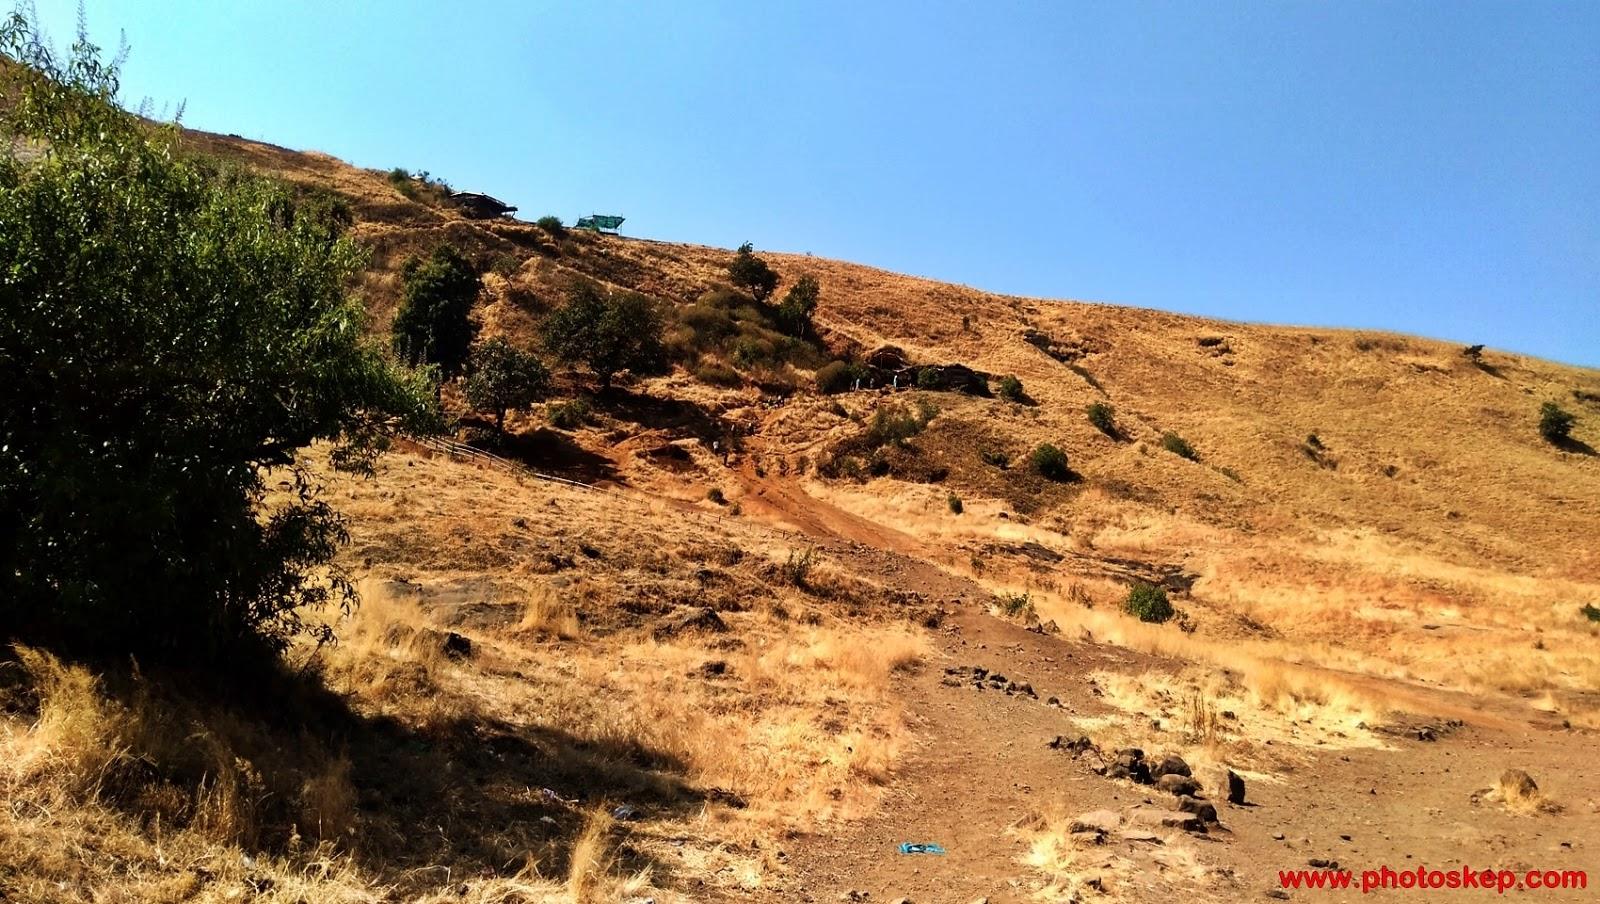 brahmagiri-parvat-trimbakeshwar-Nashik-mountain-hills-photo-pictures-wallpaper-brahmagiri-hills